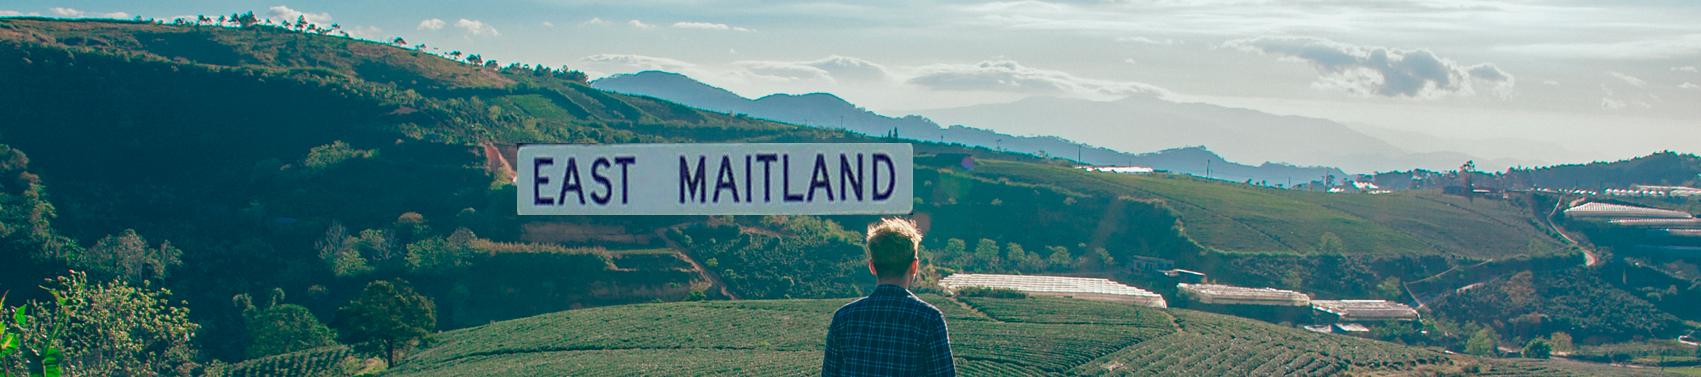 East Maitland